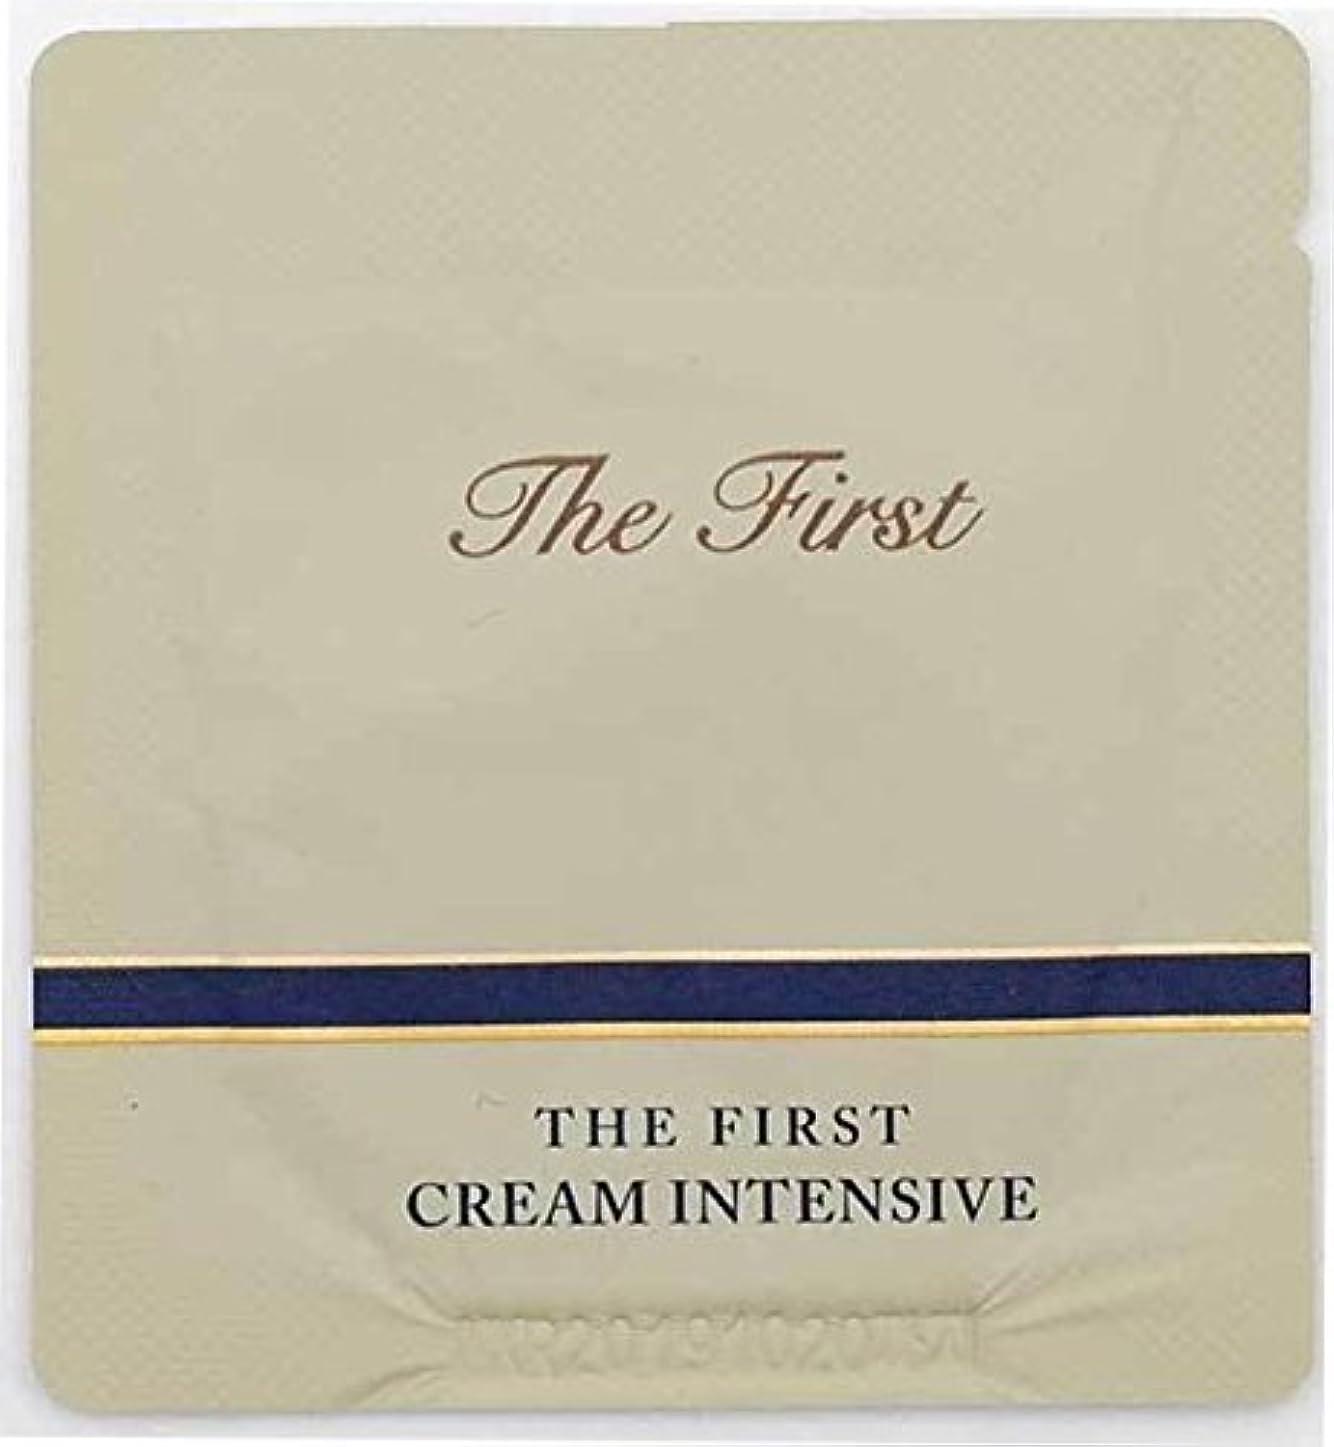 安心南東導出[サンプル] OHUI The First Cream intensive 1ml × 30ea/オフィ ザ ファースト クリーム インテンシブ 1ml × 30個